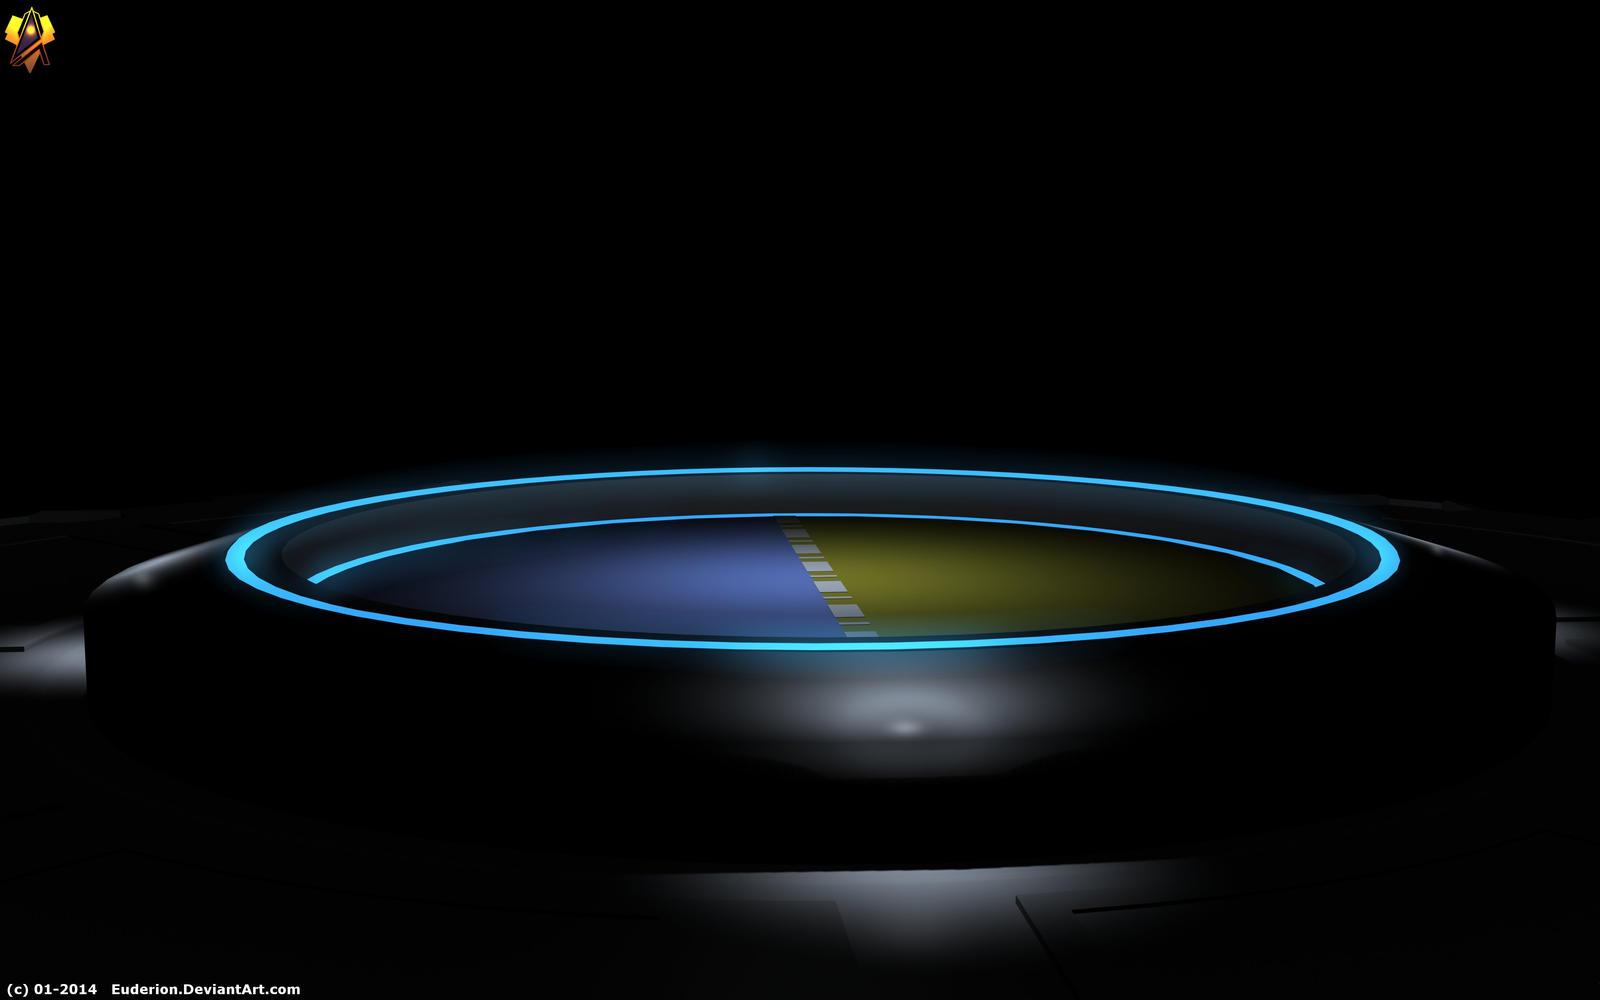 Star Trek Phaser Range by Euderion